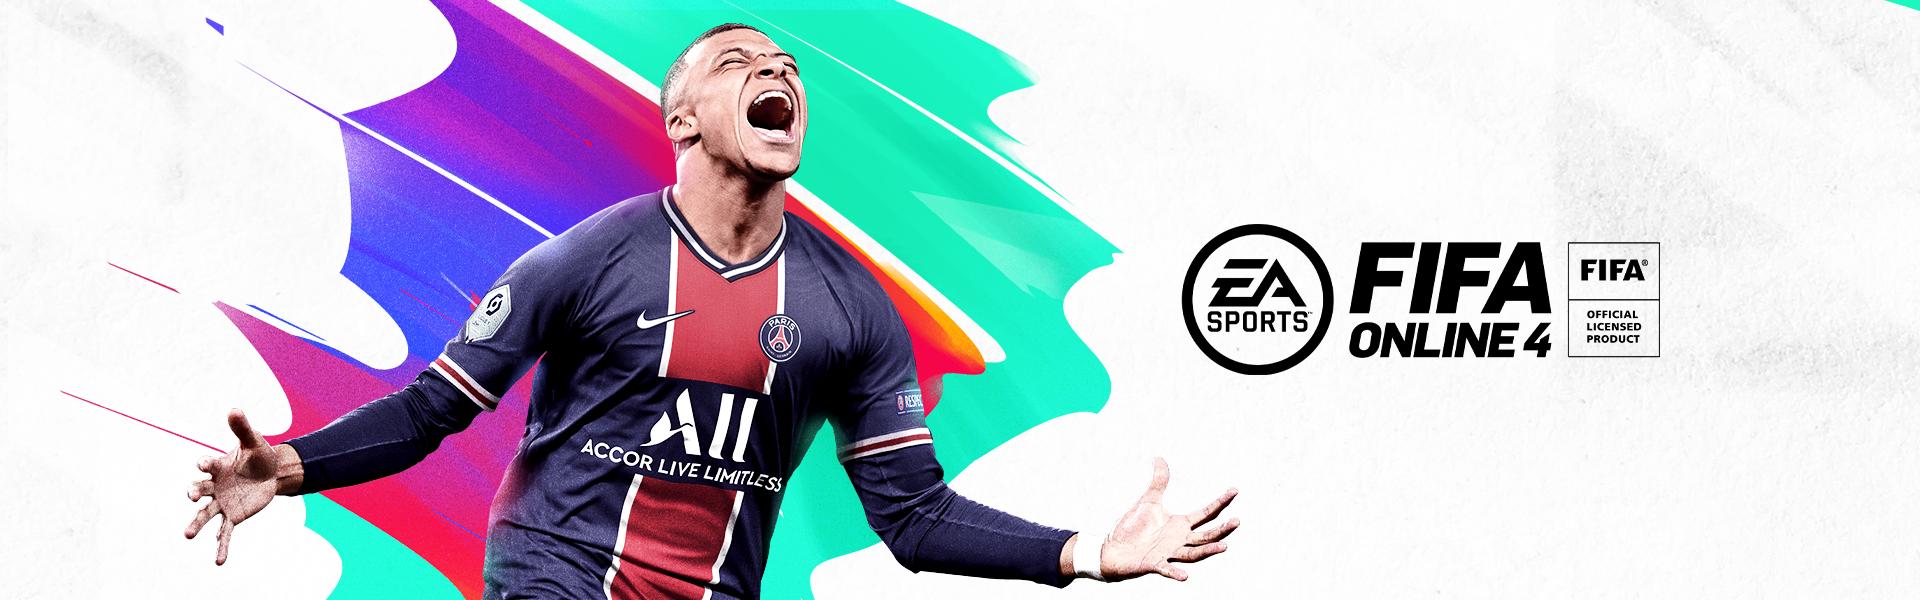 Fifa Online 4 là một trong những cái tên cực hot